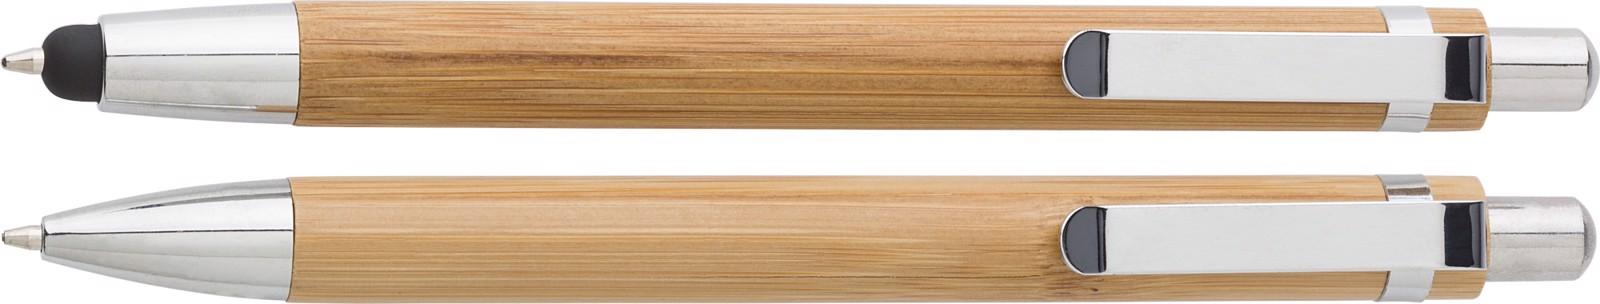 Set de escritura, de bambú